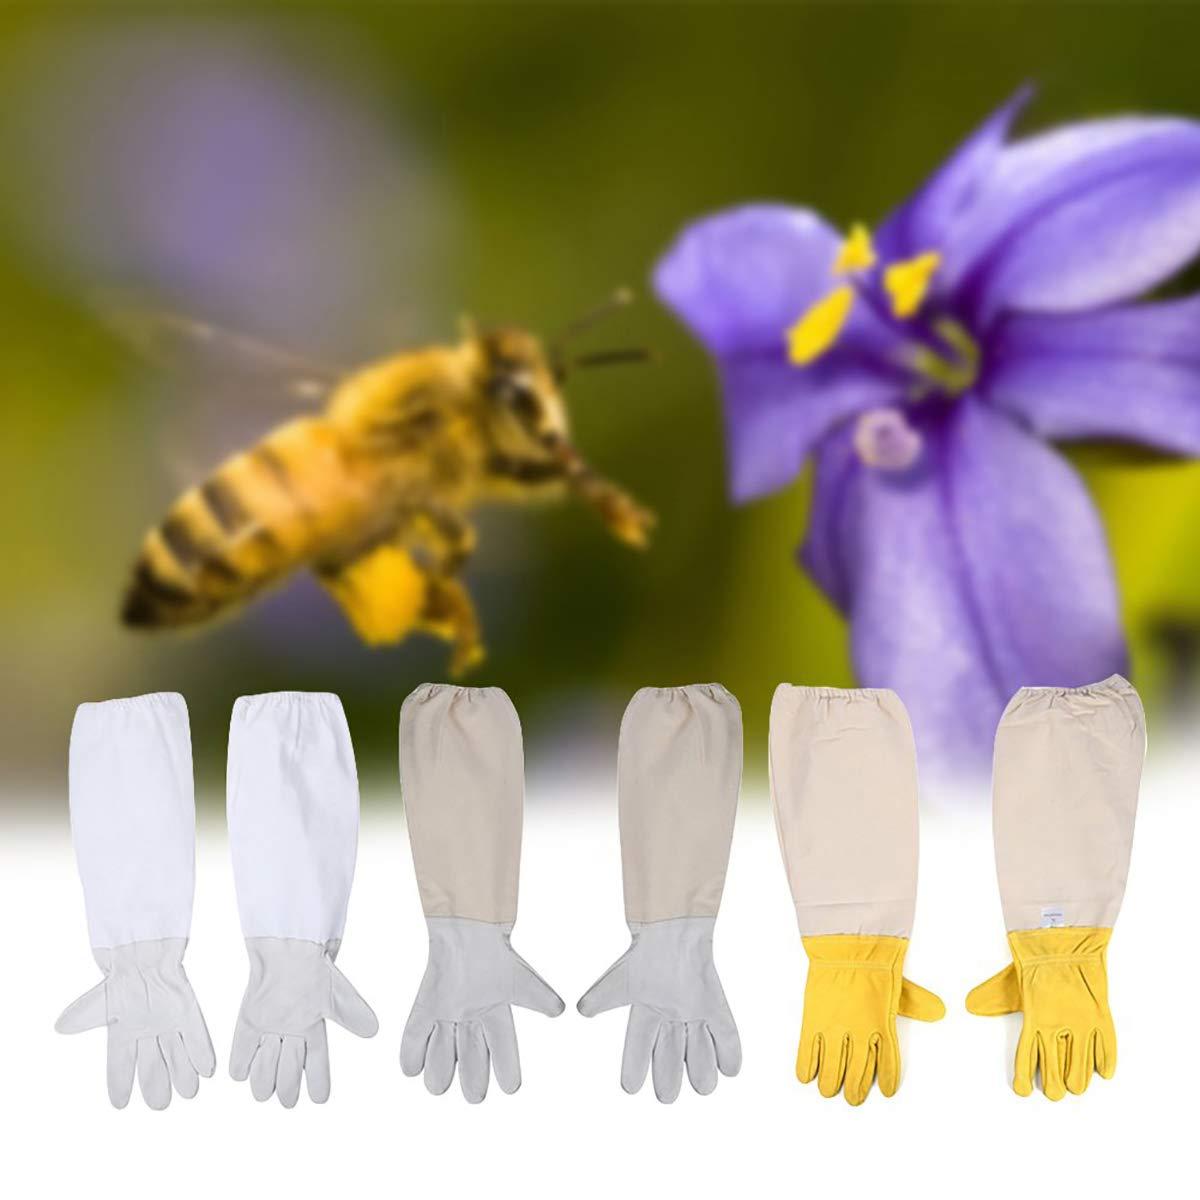 Morning May Imkerhandschuhe Bienenzucht Schutzschuhe aus Schafspelz und gebleichtes Gewebe wei/ß